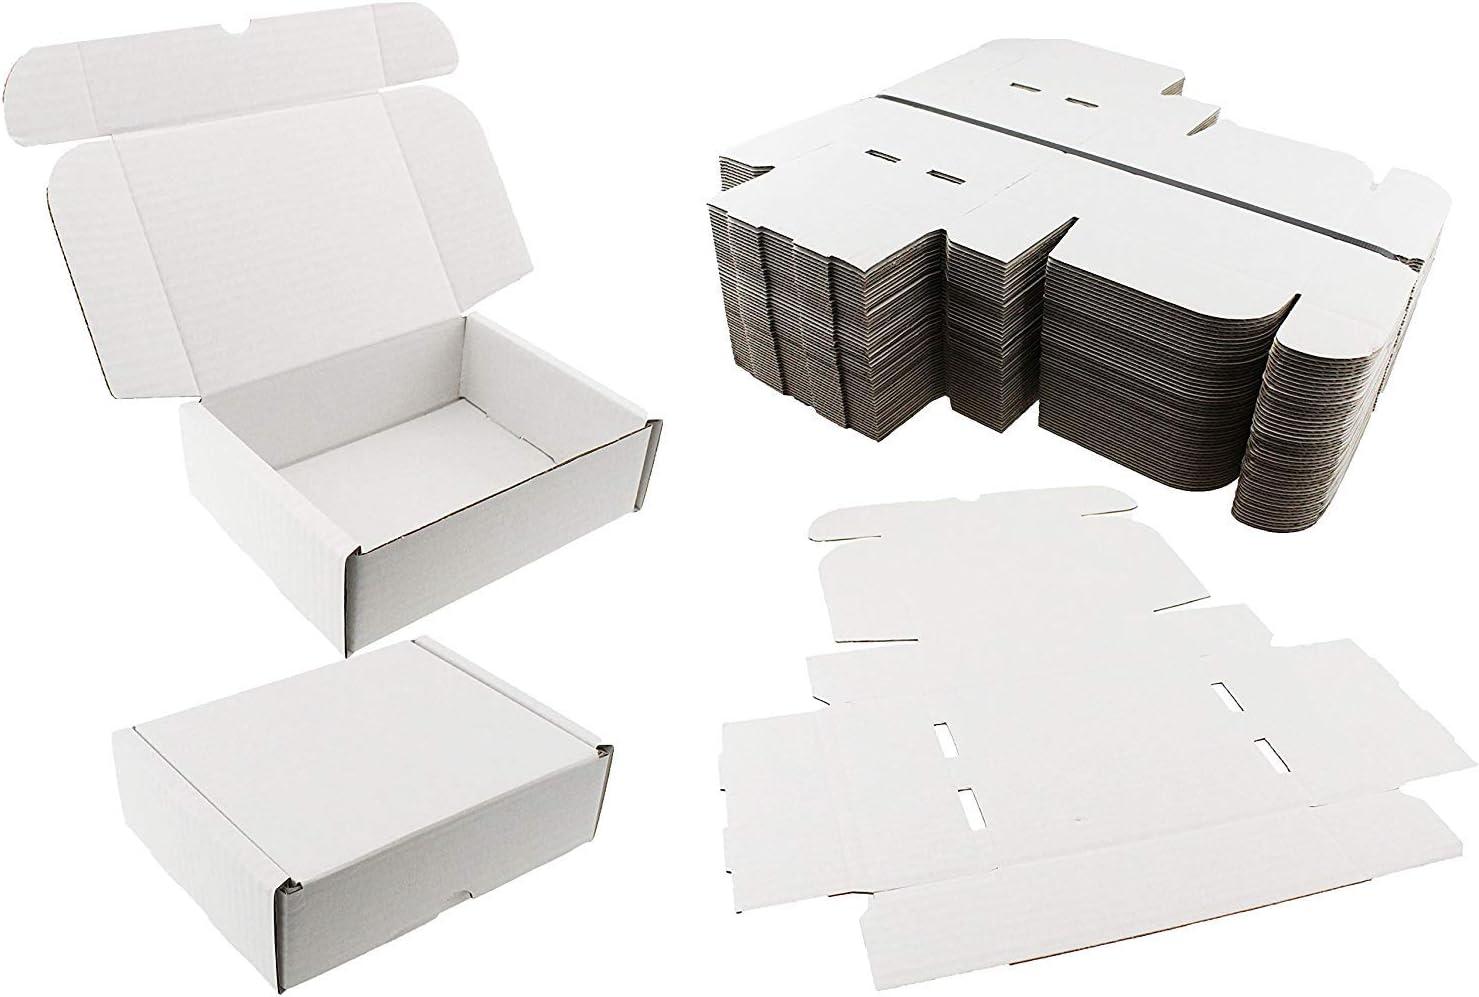 20 cajas de envío blancas para regalo, ideales para obsequios de boda, 20x15x6cm